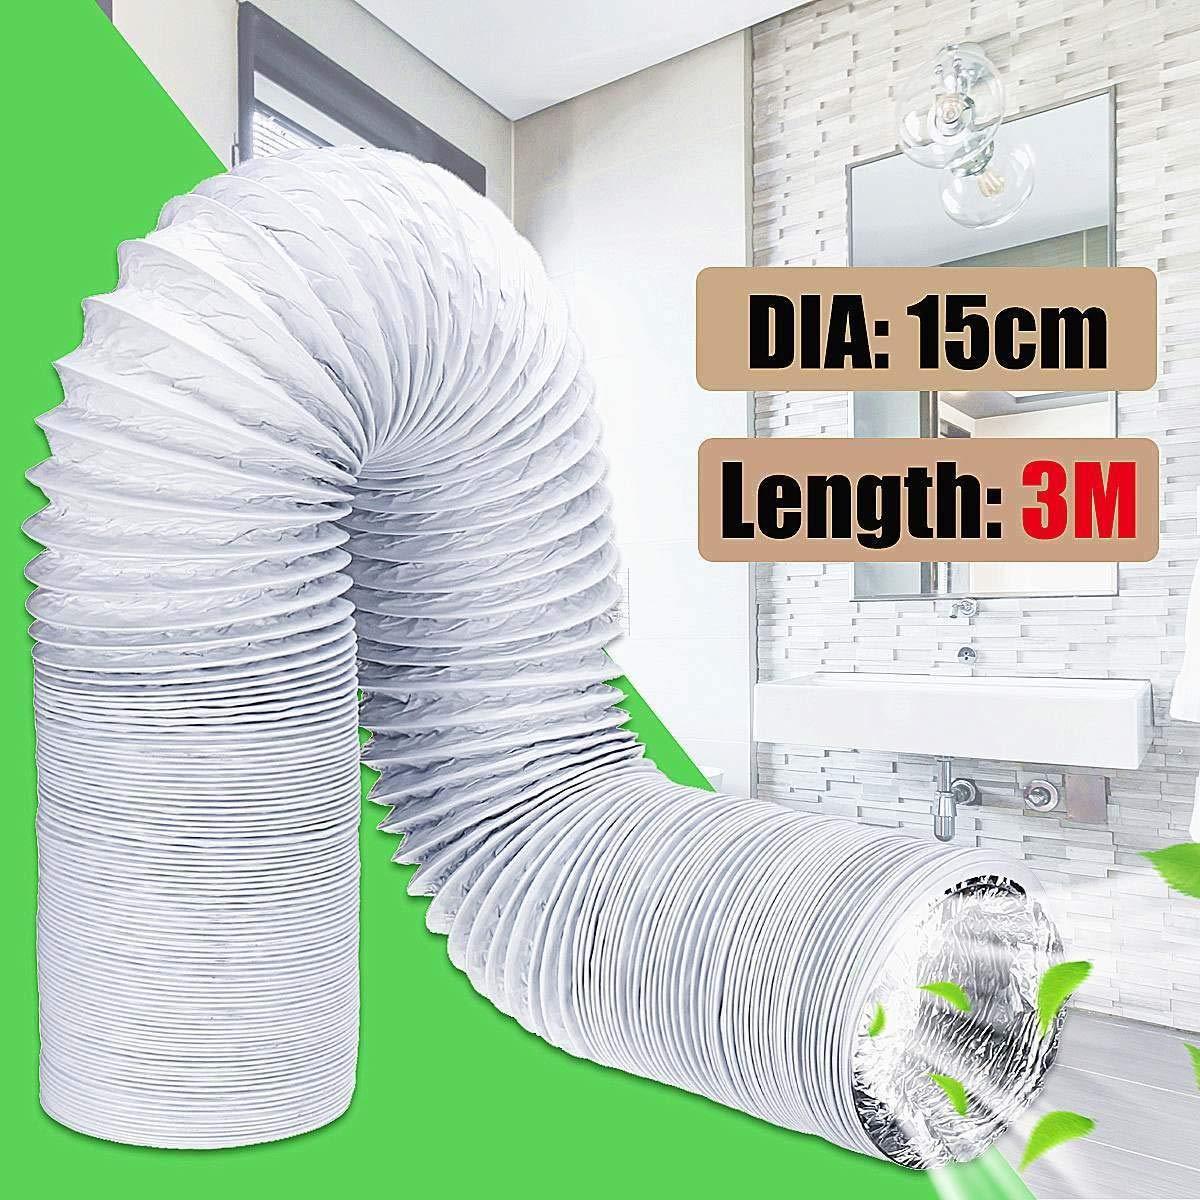 PLT-AIRE ACONDICIONADO PIEZAS, 3 metros Tubo de escape Repuestos de aire acondicionado flexibles Tubo de escape Manguera de ventilación Salida de 150 mm Conducto de ventilación Manguera de ventilación: Amazon.es: Hogar